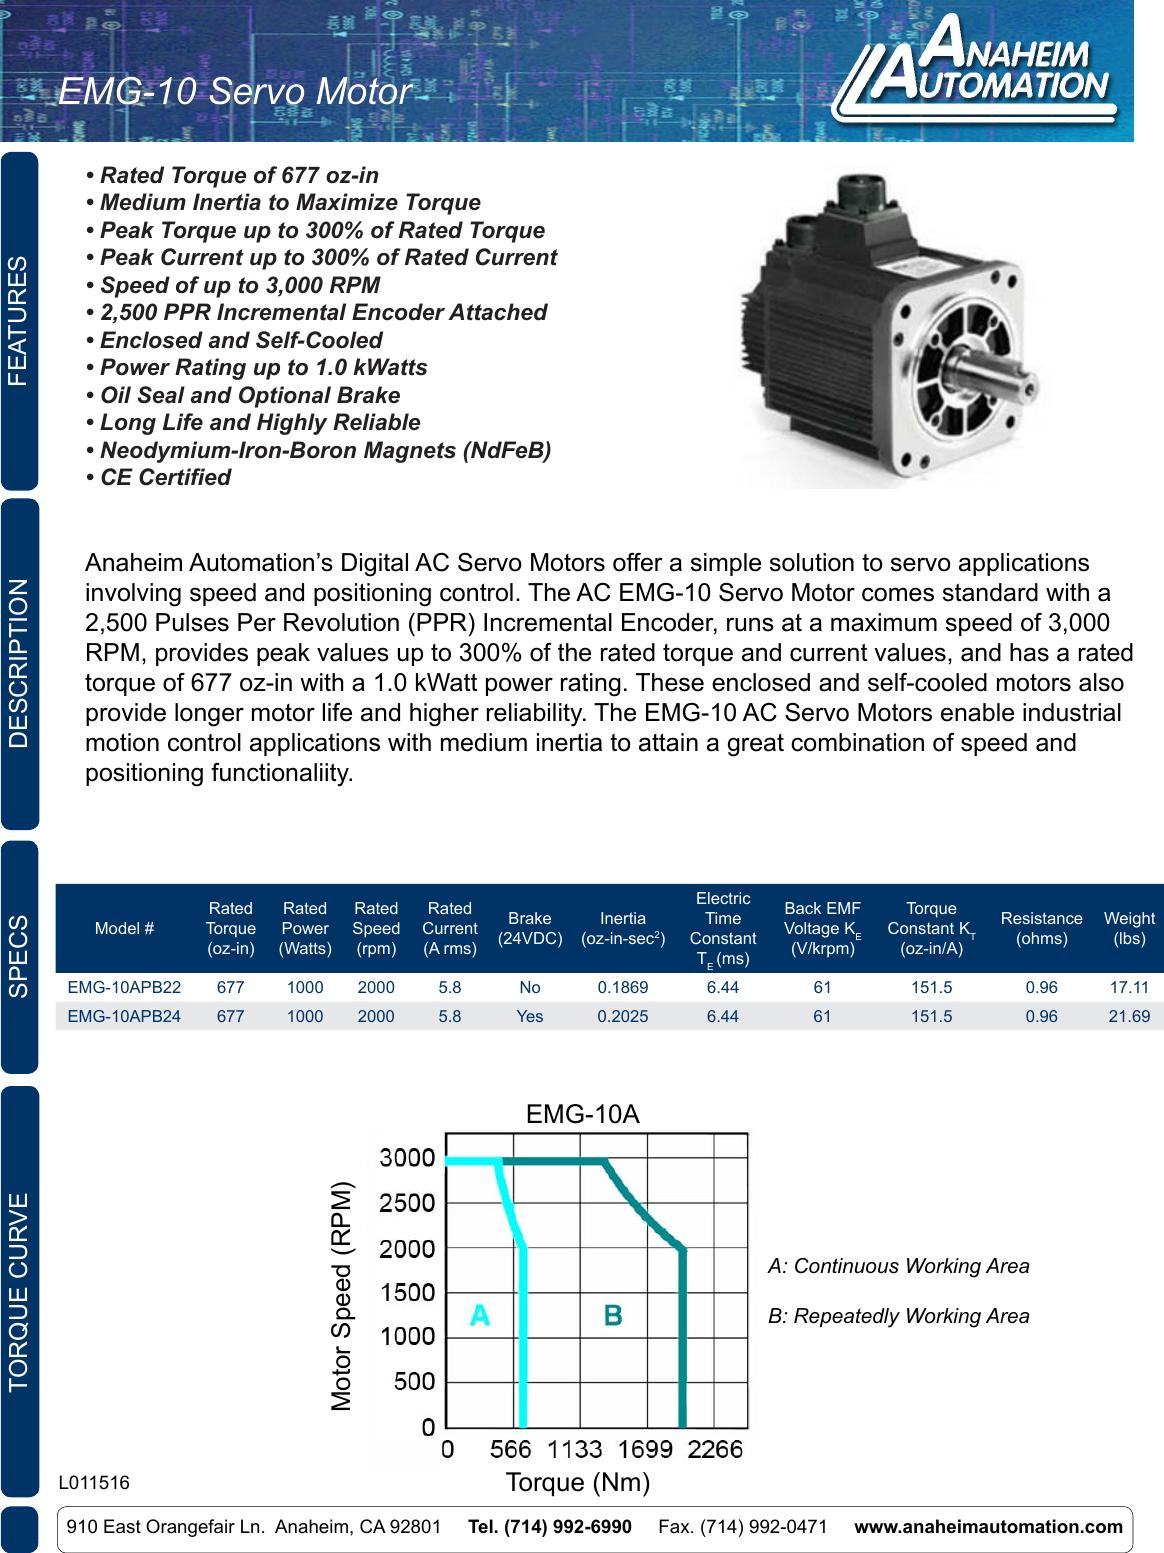 L011516 Emg 10apb Servo Motor Iid Wiring Diagram